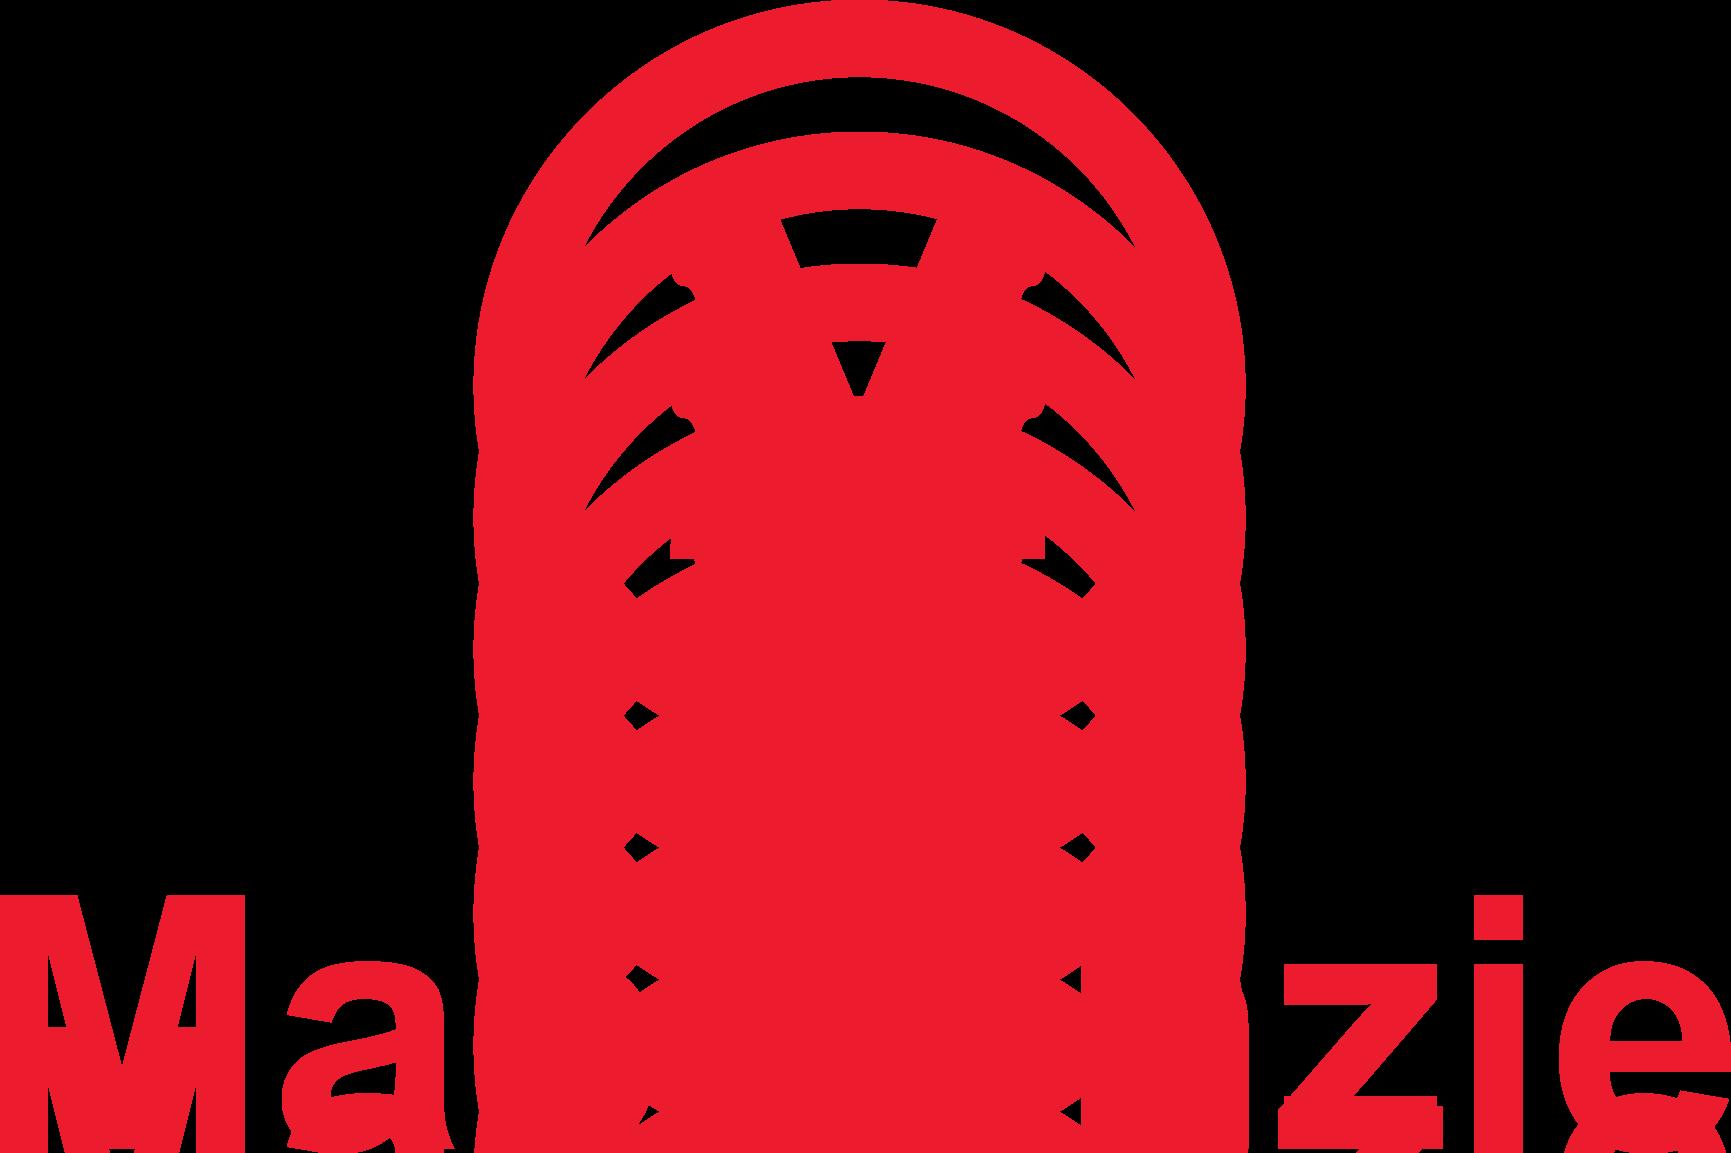 DRO MACKENZIE